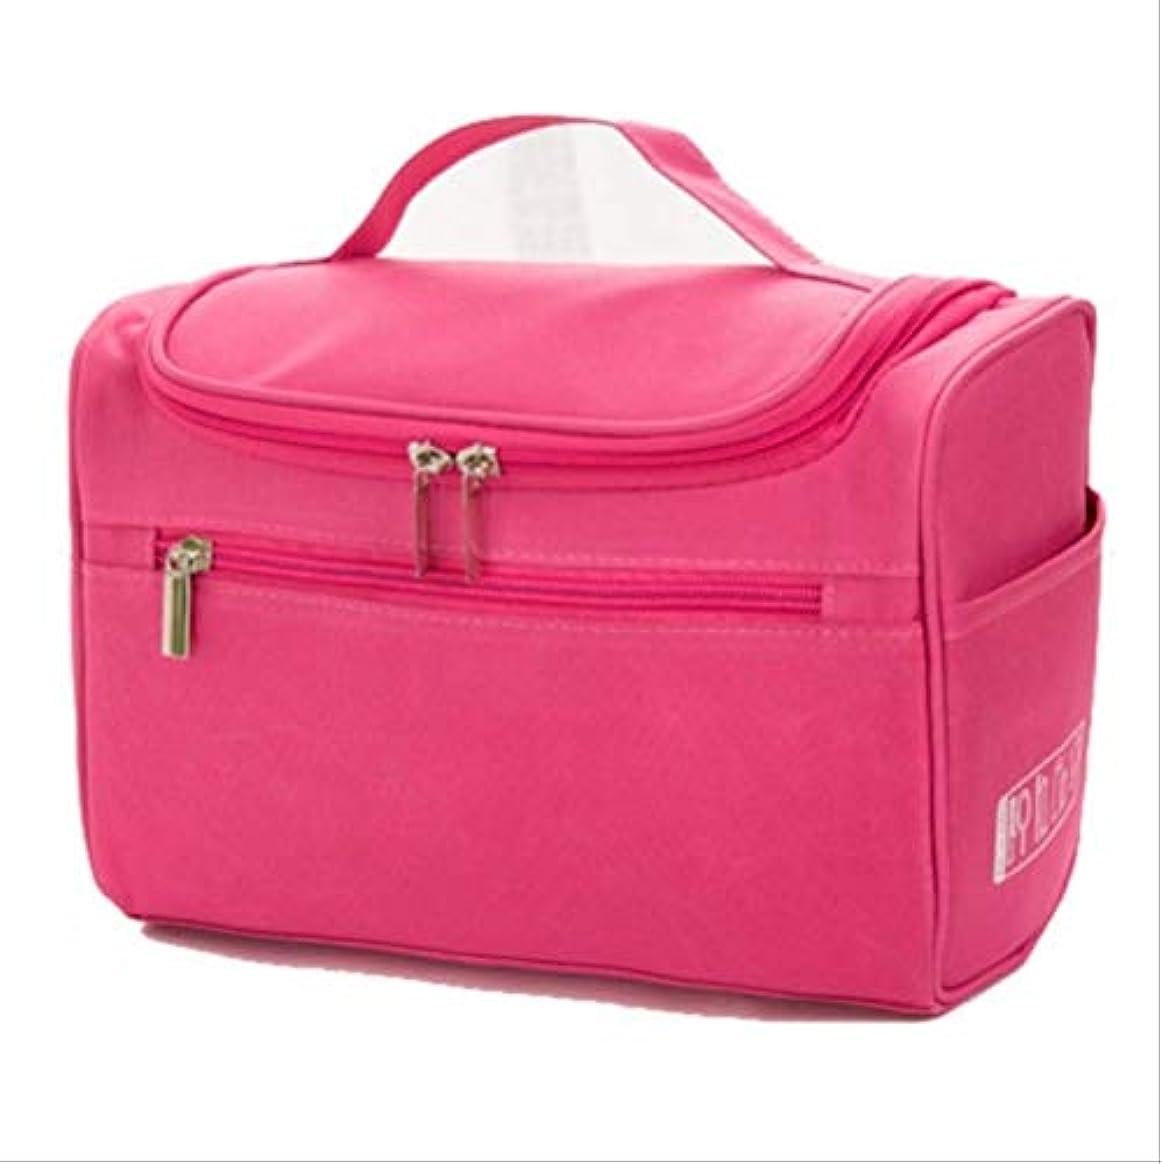 ミケランジェロカメ解釈する女性用大型防水化粧品バッグ旅行用化粧品バッグの構成には化粧品が必要ですローズレッド